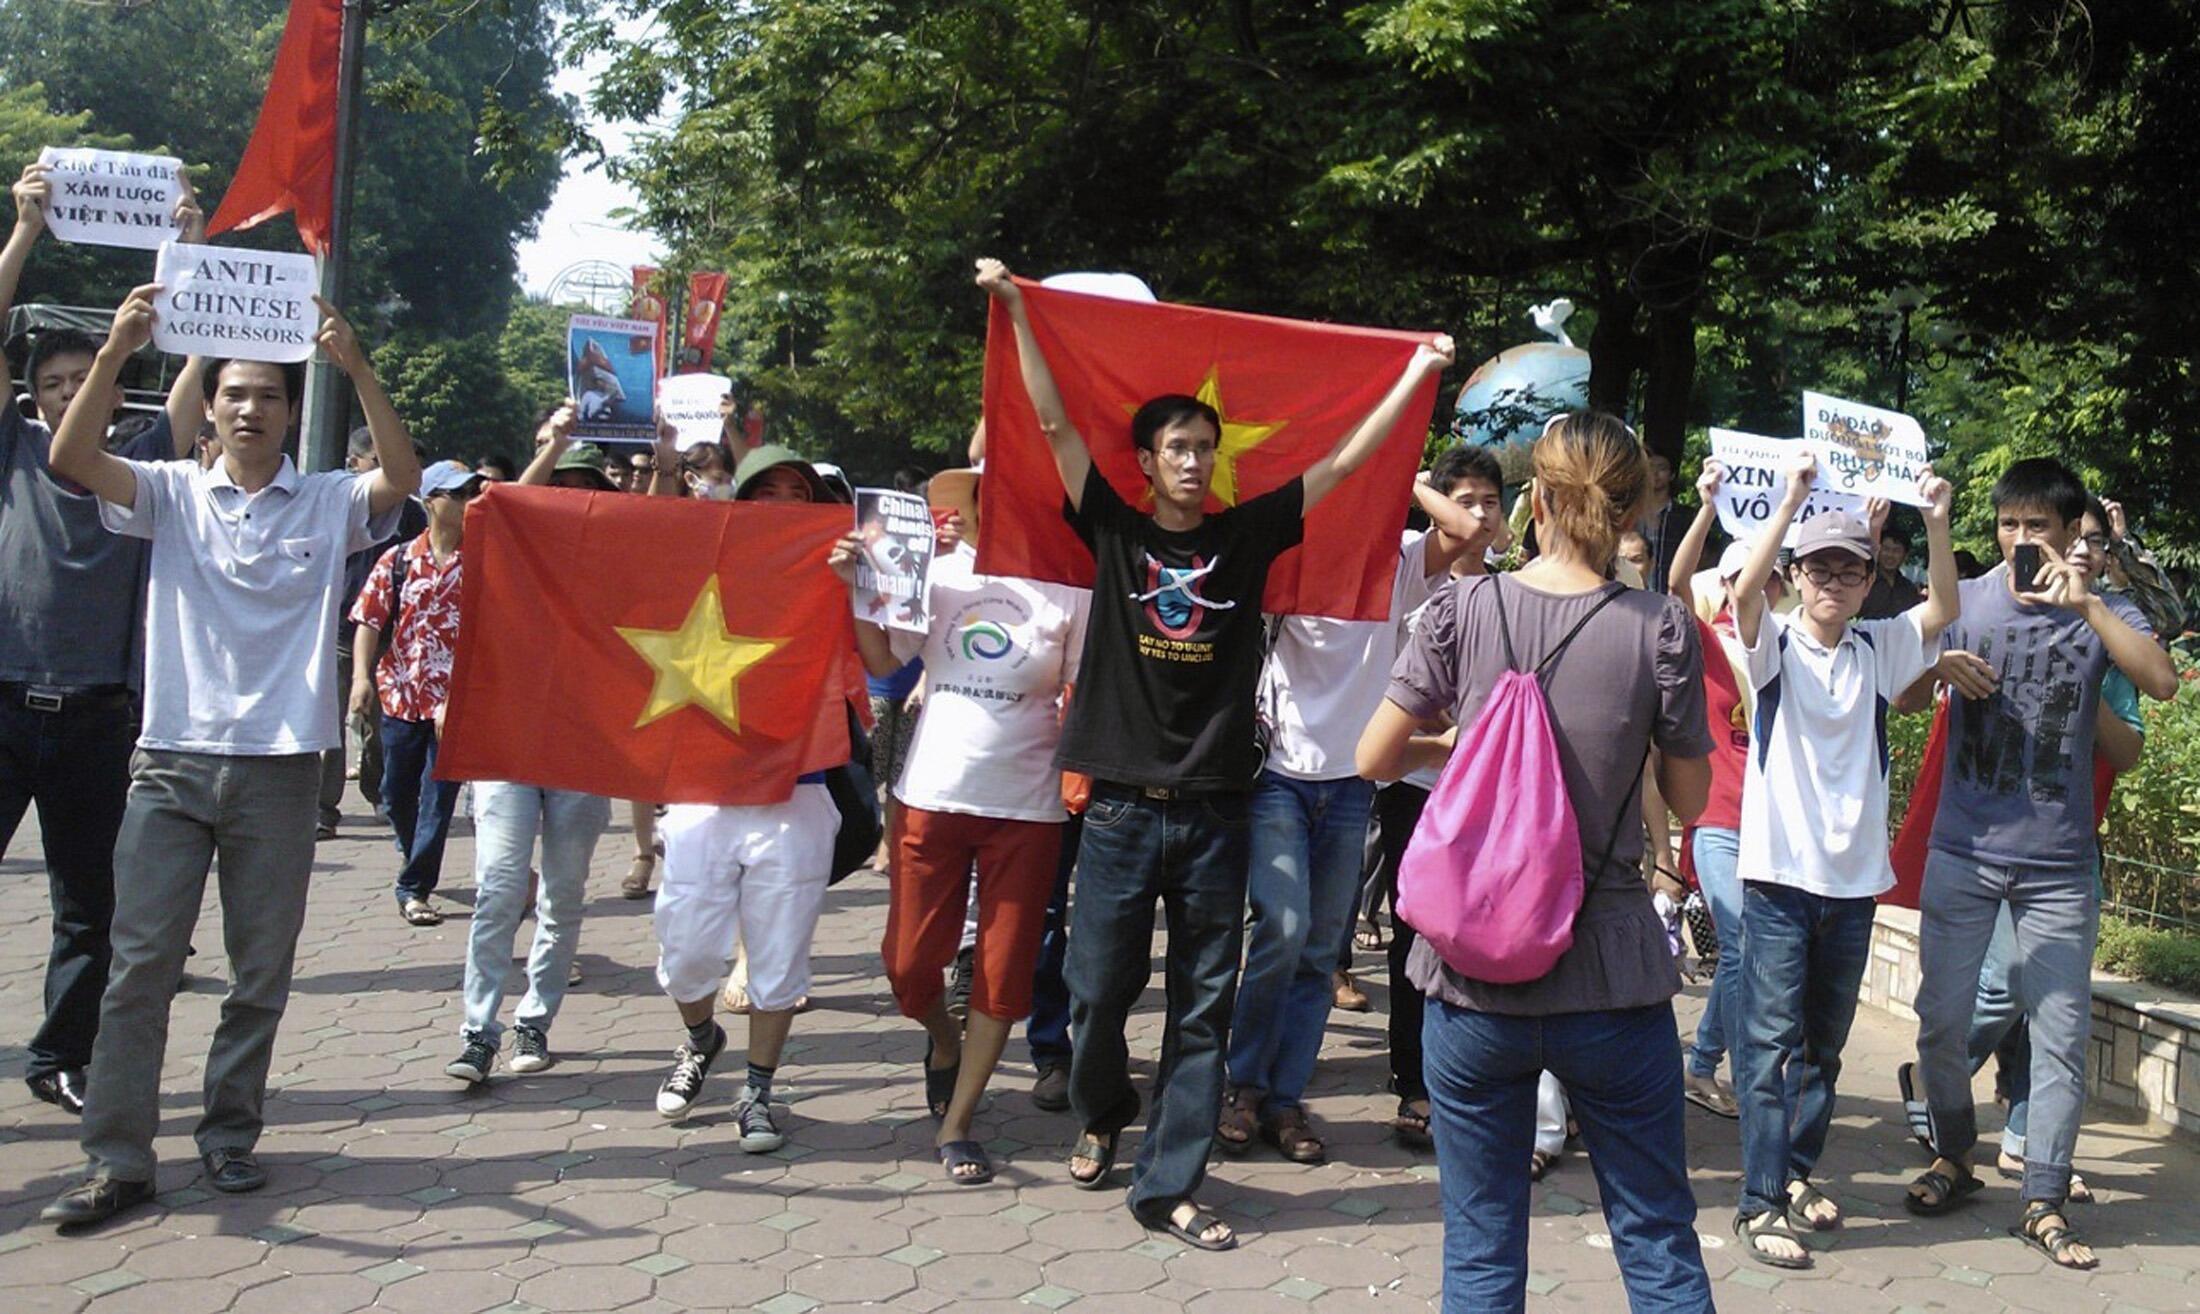 Cuộc biểu tình chống Trung Quốc  xâm phạm chủ quyền Việt Nam tại Hà Nội ngày 05/08/2012.